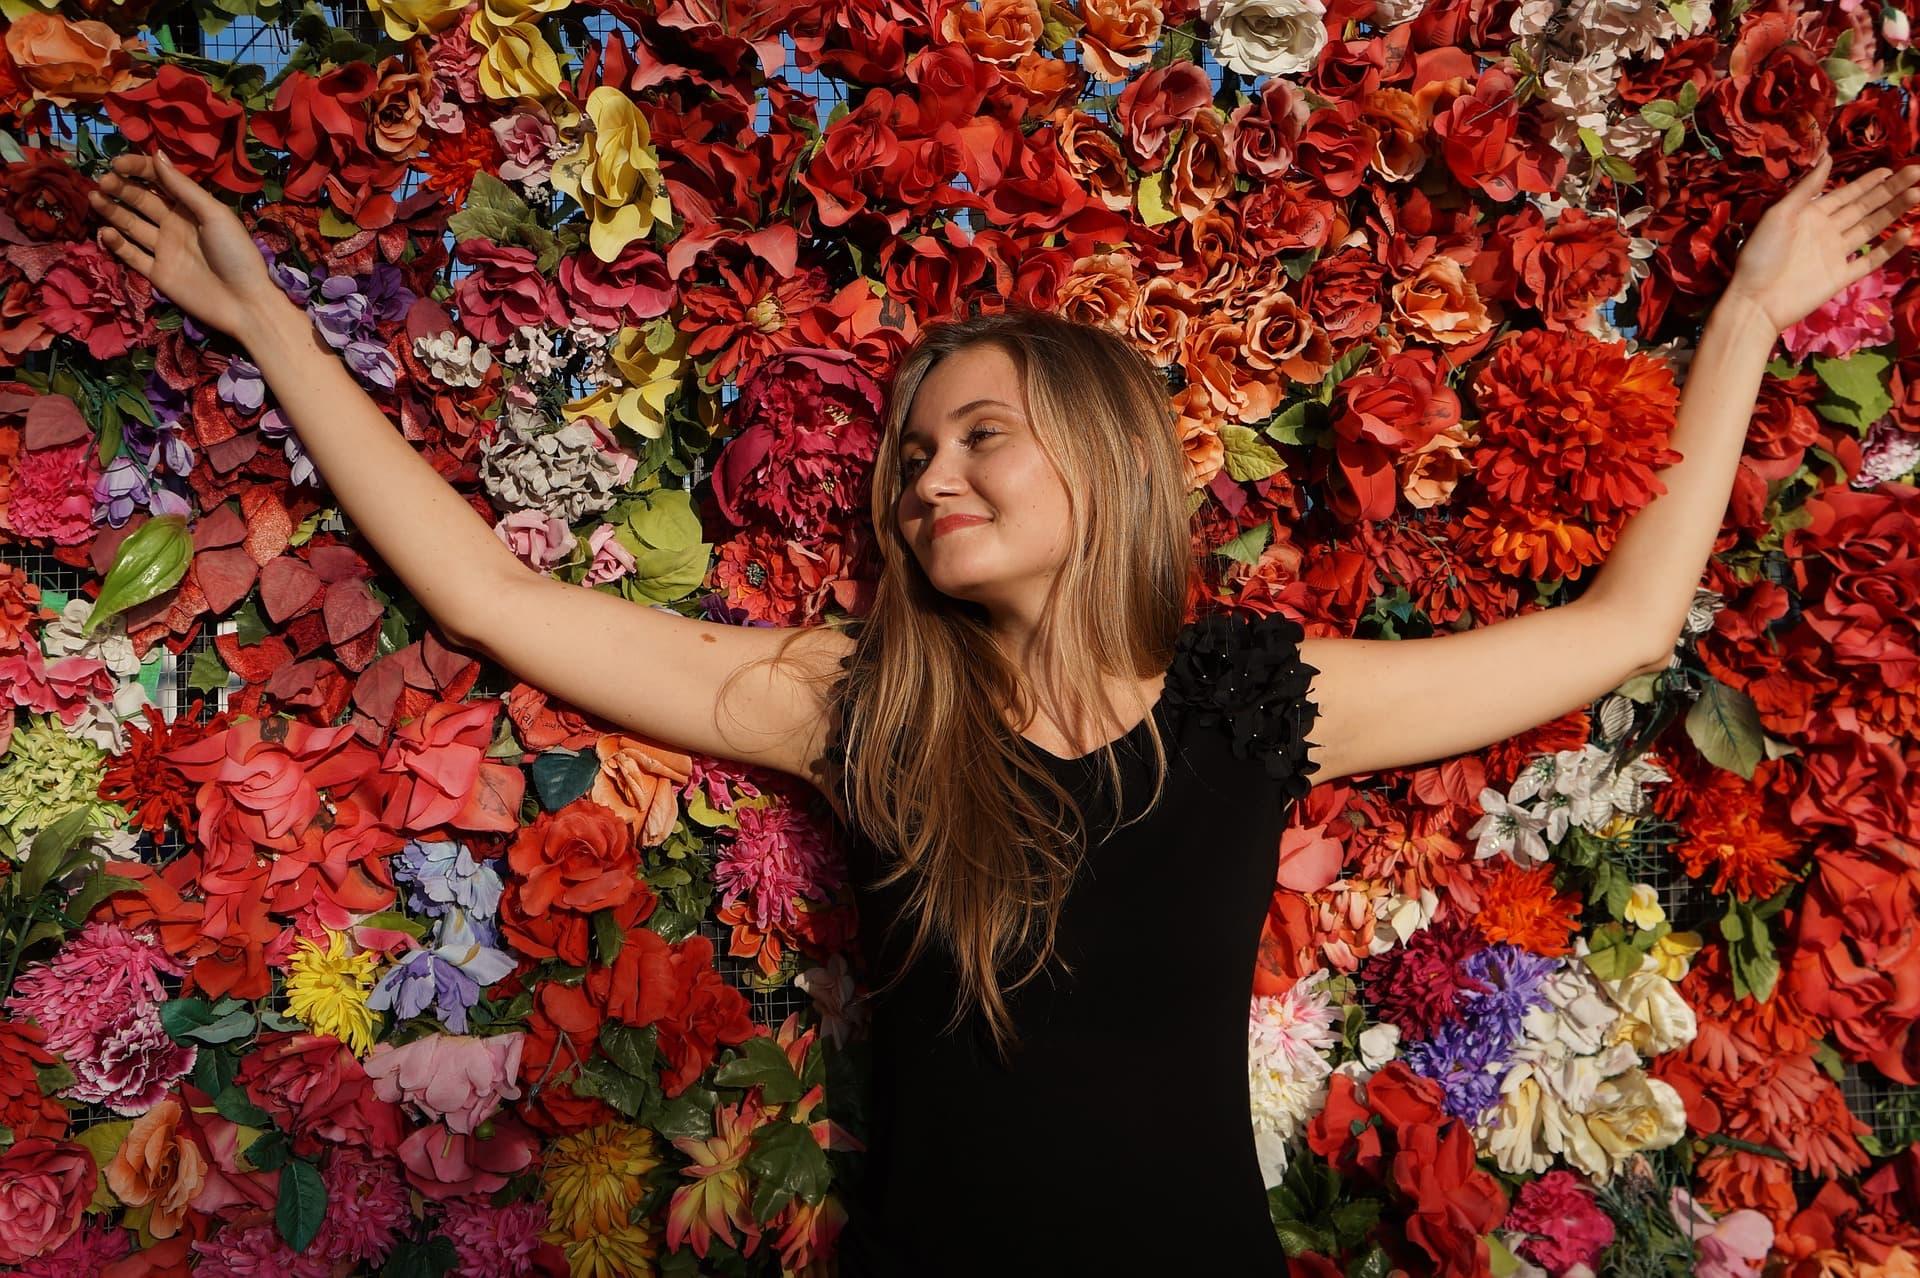 Frau Blumen Freiraum Selbstfürsorge